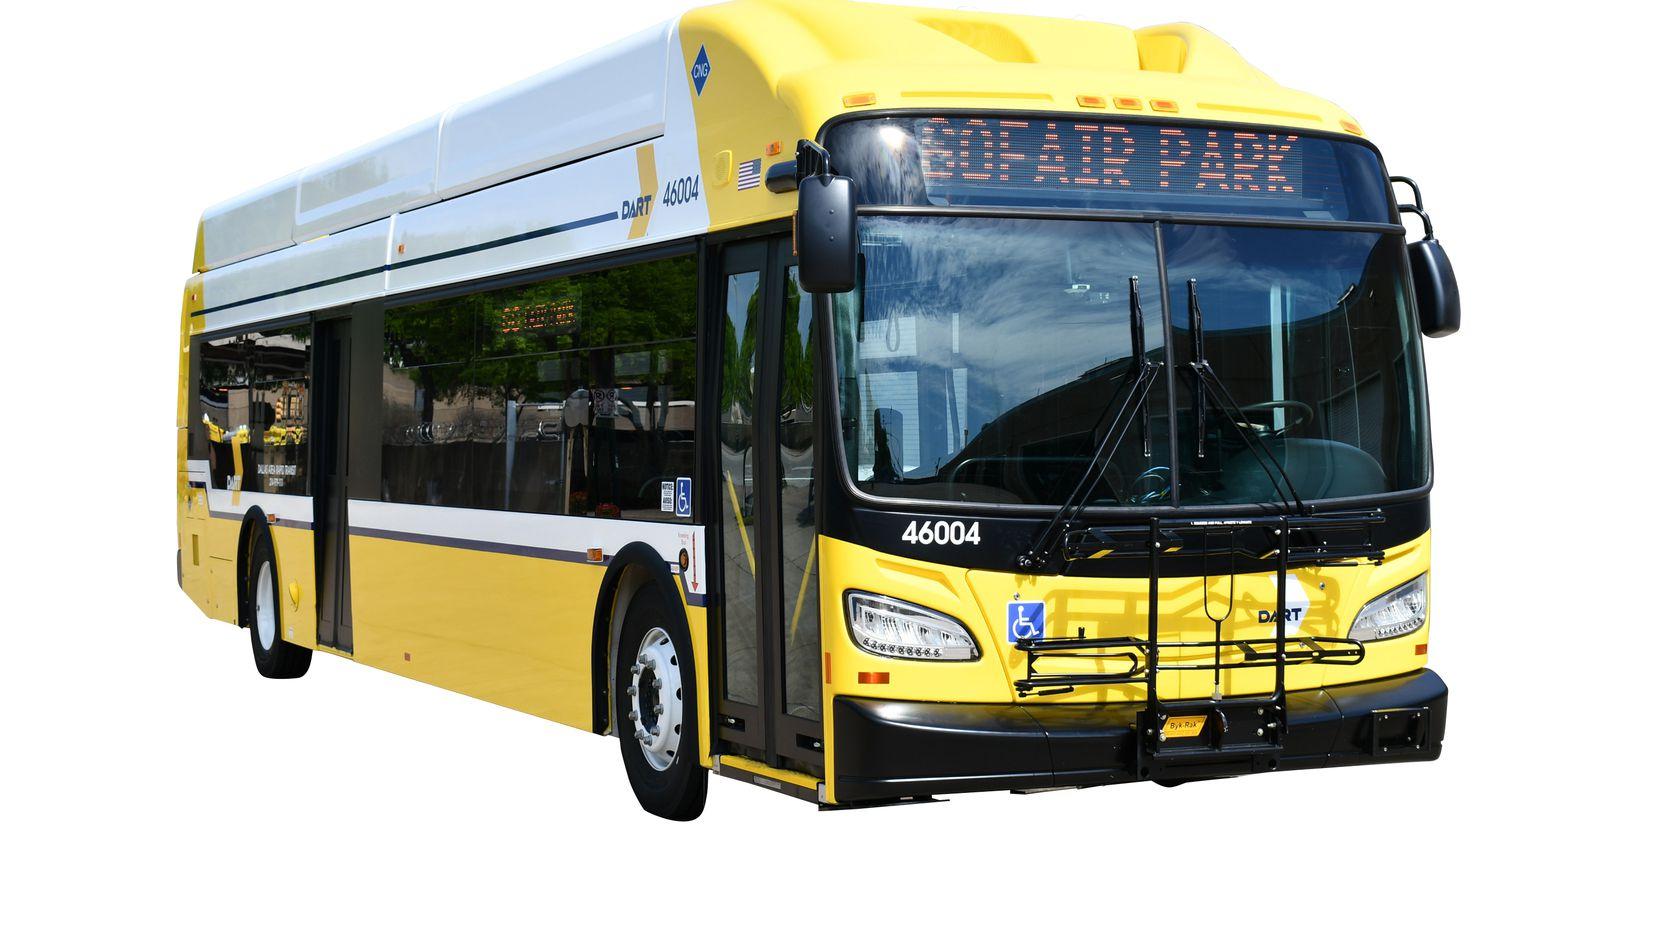 Autobuses New Flyer iniciarán sus rutas a partir de agosto. CORTESÍA